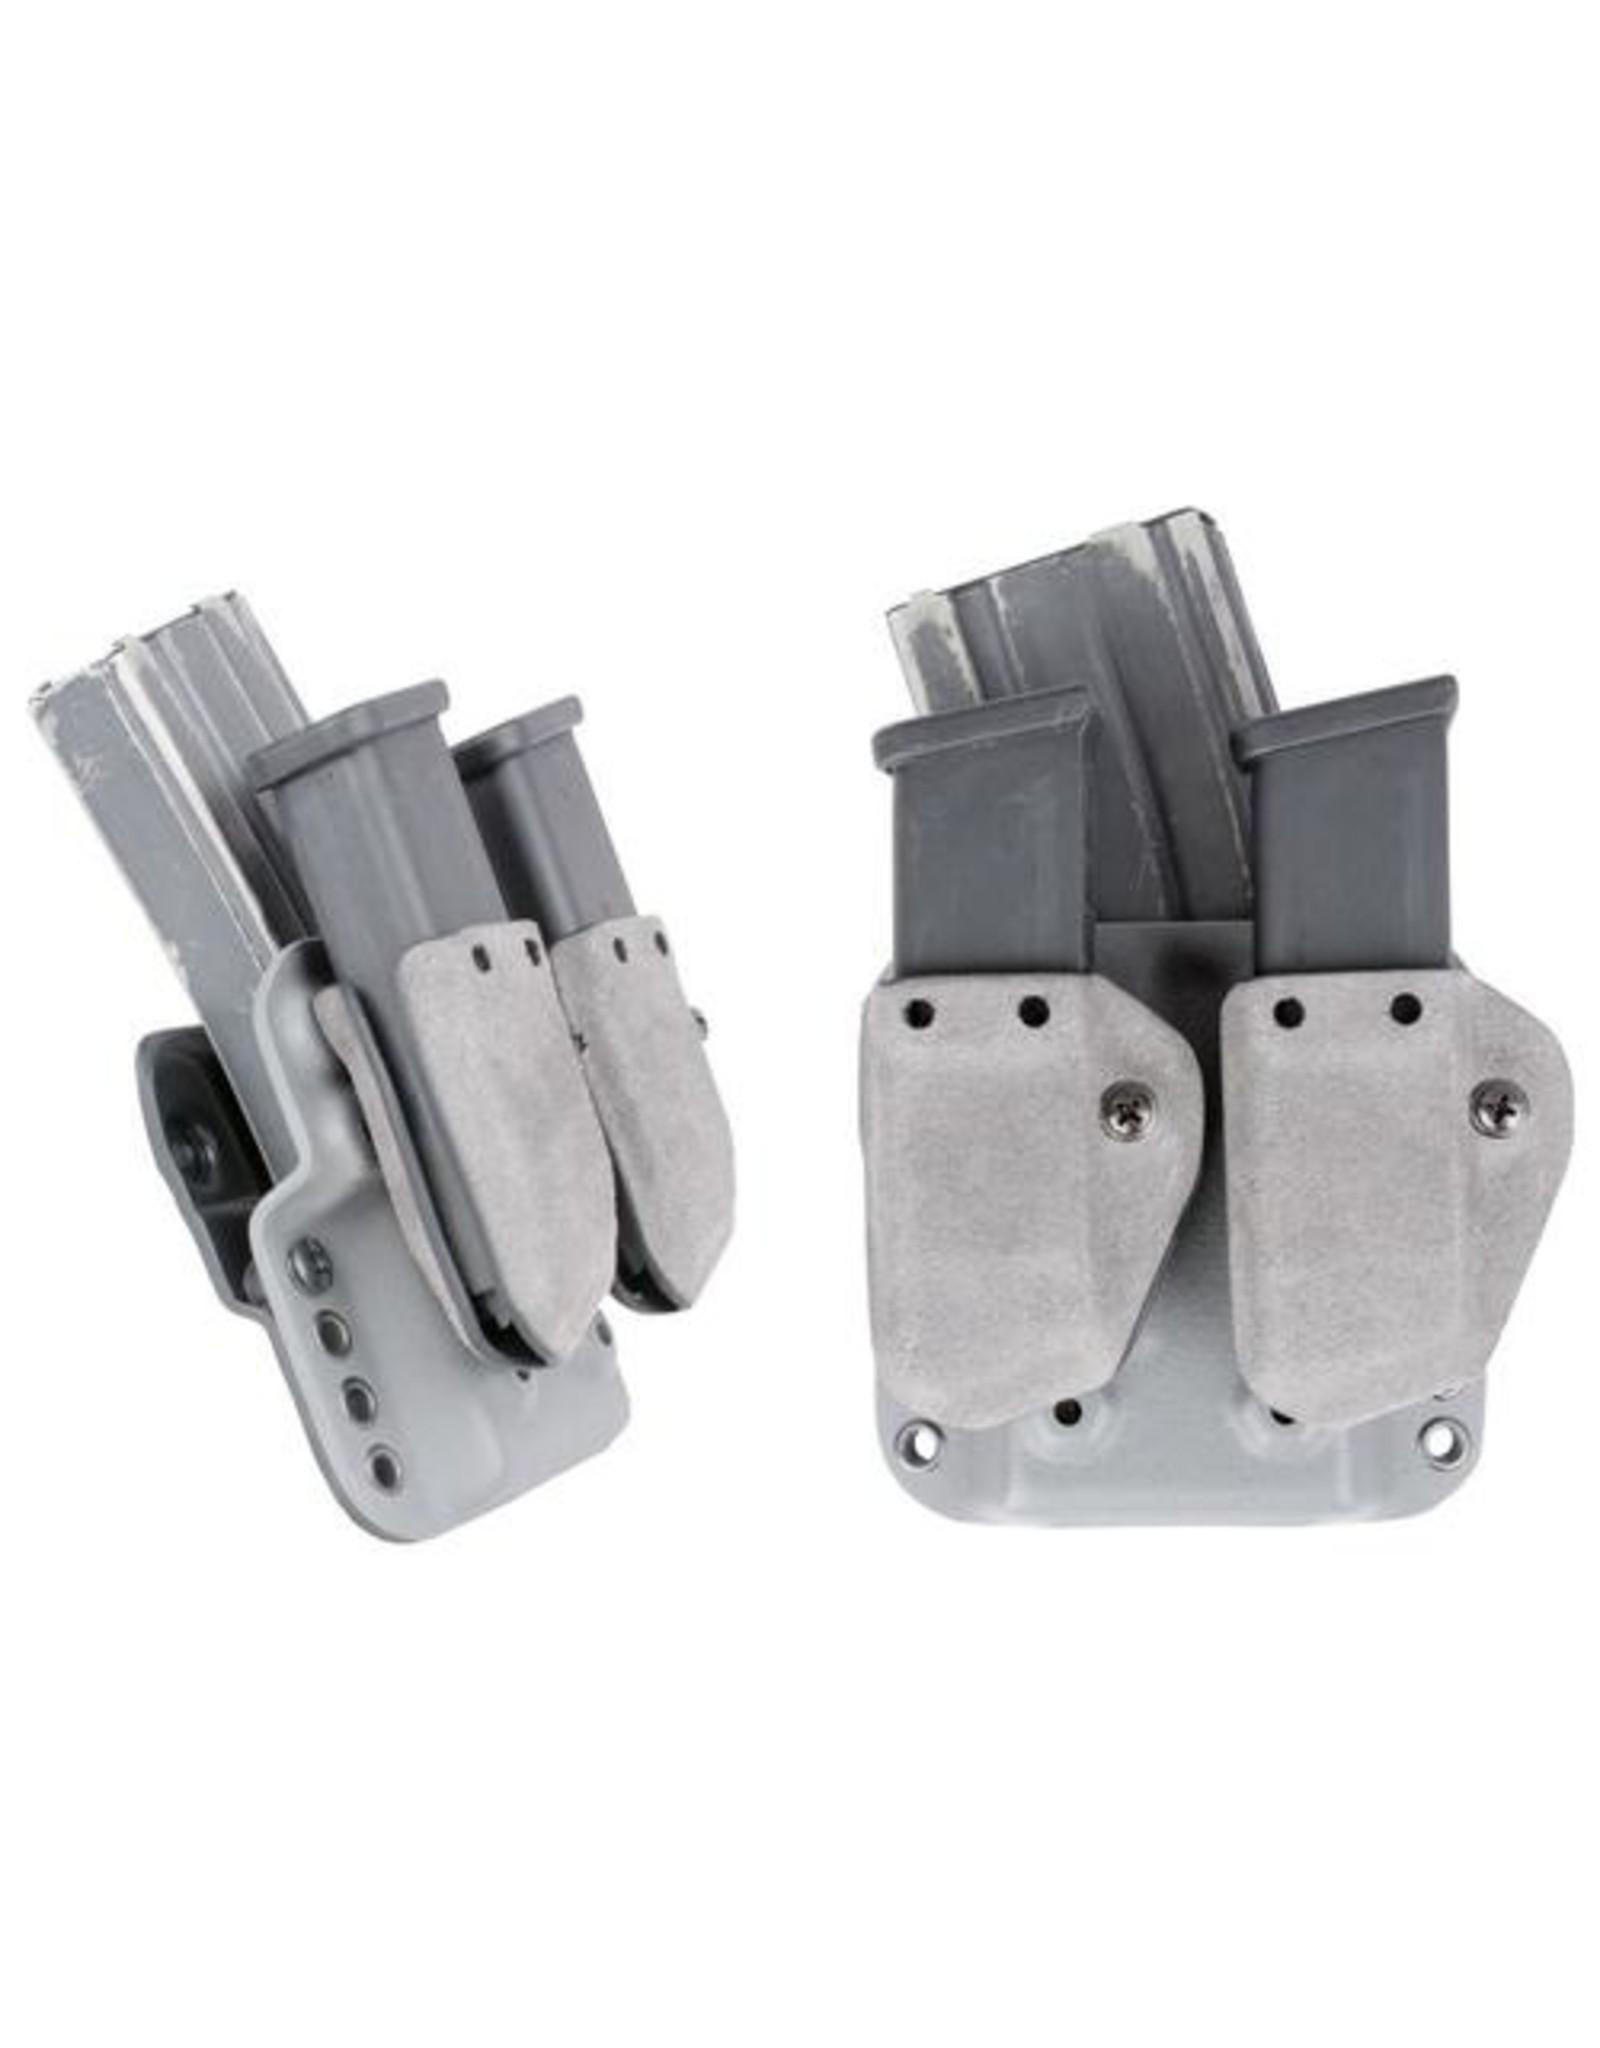 G-CODE G-CODE - HALEY STRATEGIC (HSP) PISTOL MAG KIT FOR D3 CARRIER (2 PACK)